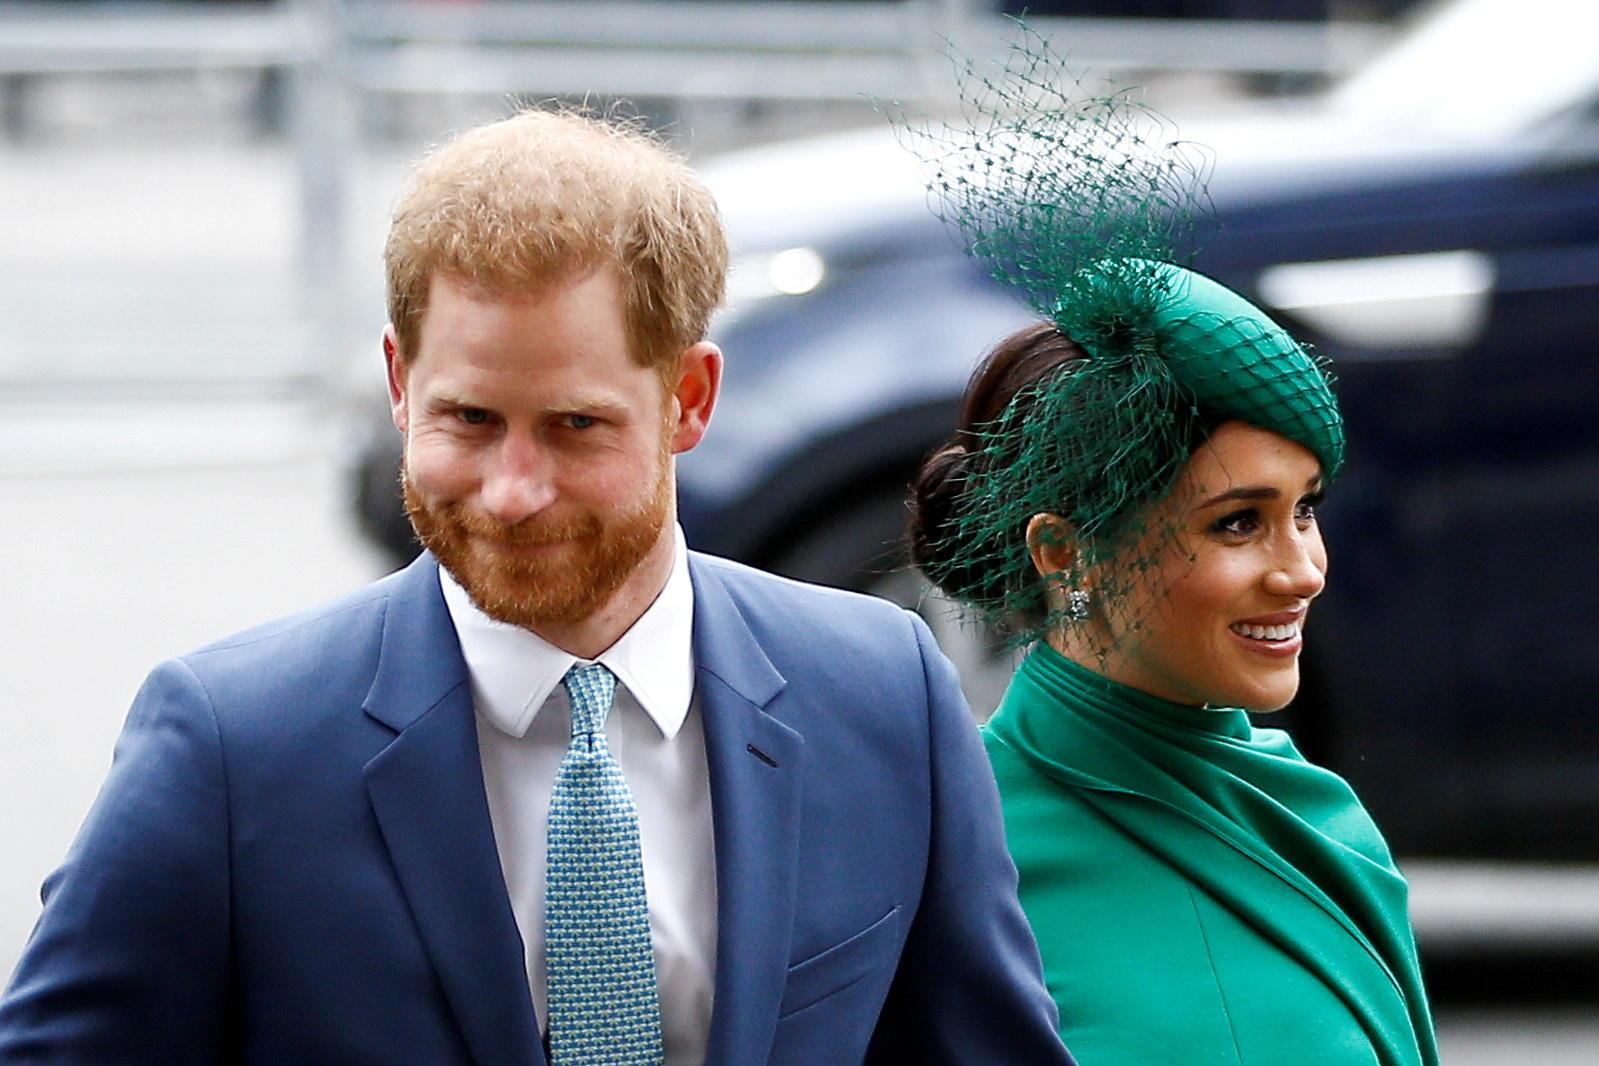 Le Prince Harry compare la vie au sein de la famille royale au film « The Truman Show »